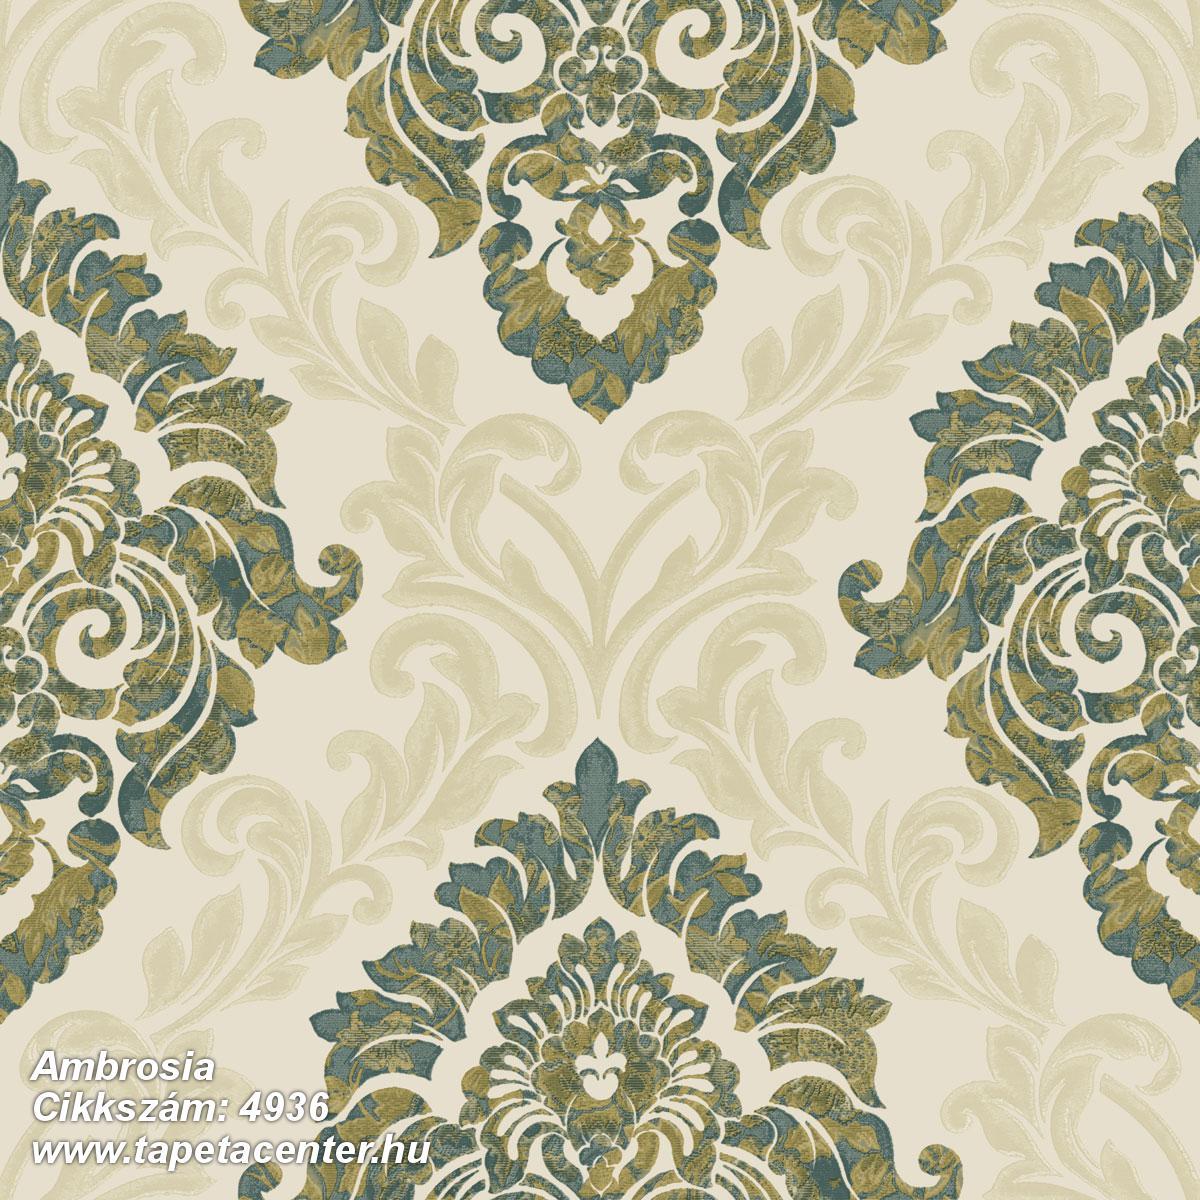 Barokk-klasszikus,különleges motívumos,textil hatású,arany,bézs-drapp,zöld,súrolható,vlies tapéta